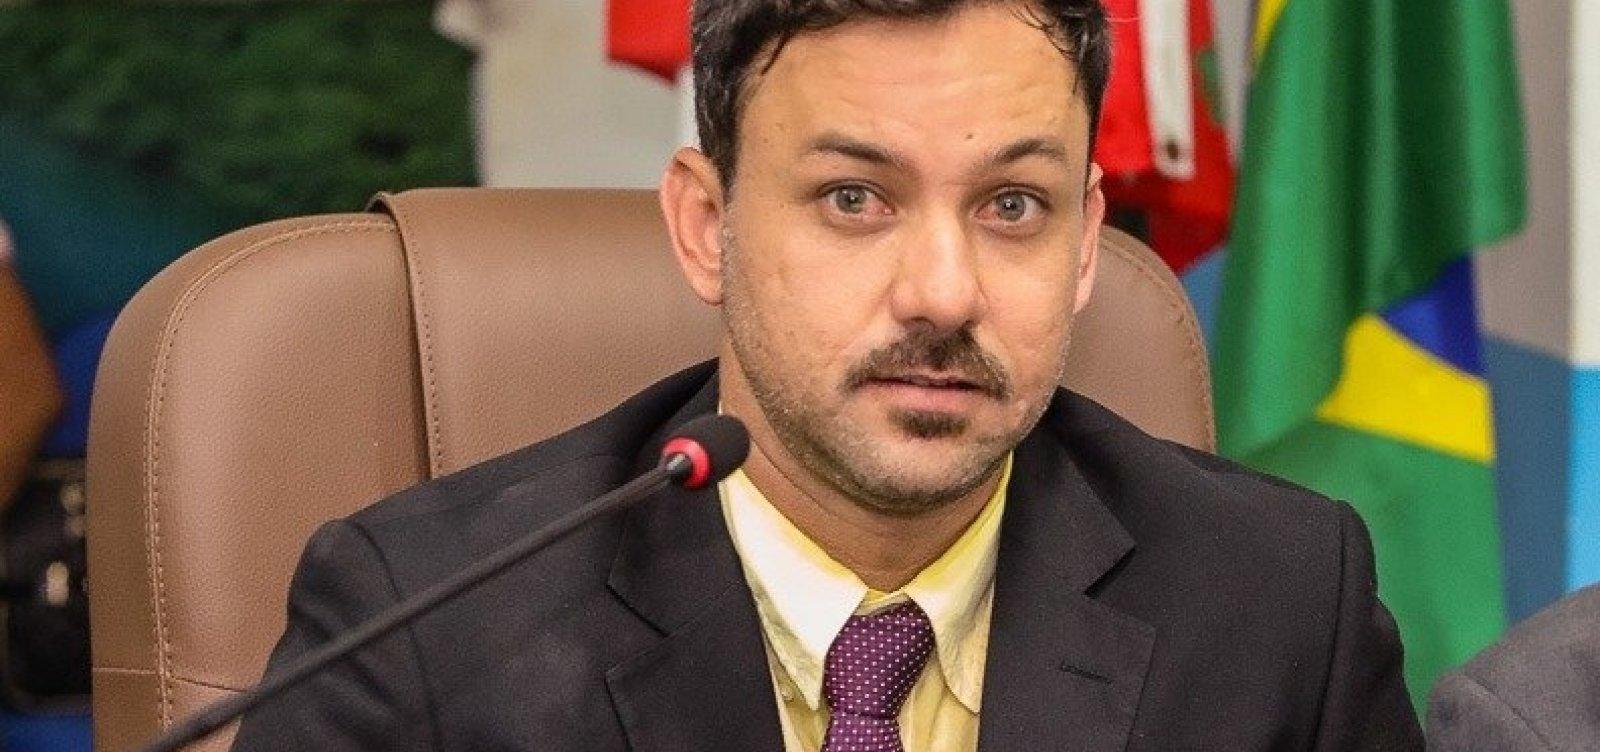 [MP requer afastamento de vereador acusado de desviar recursos da Câmara de Ilhéus]